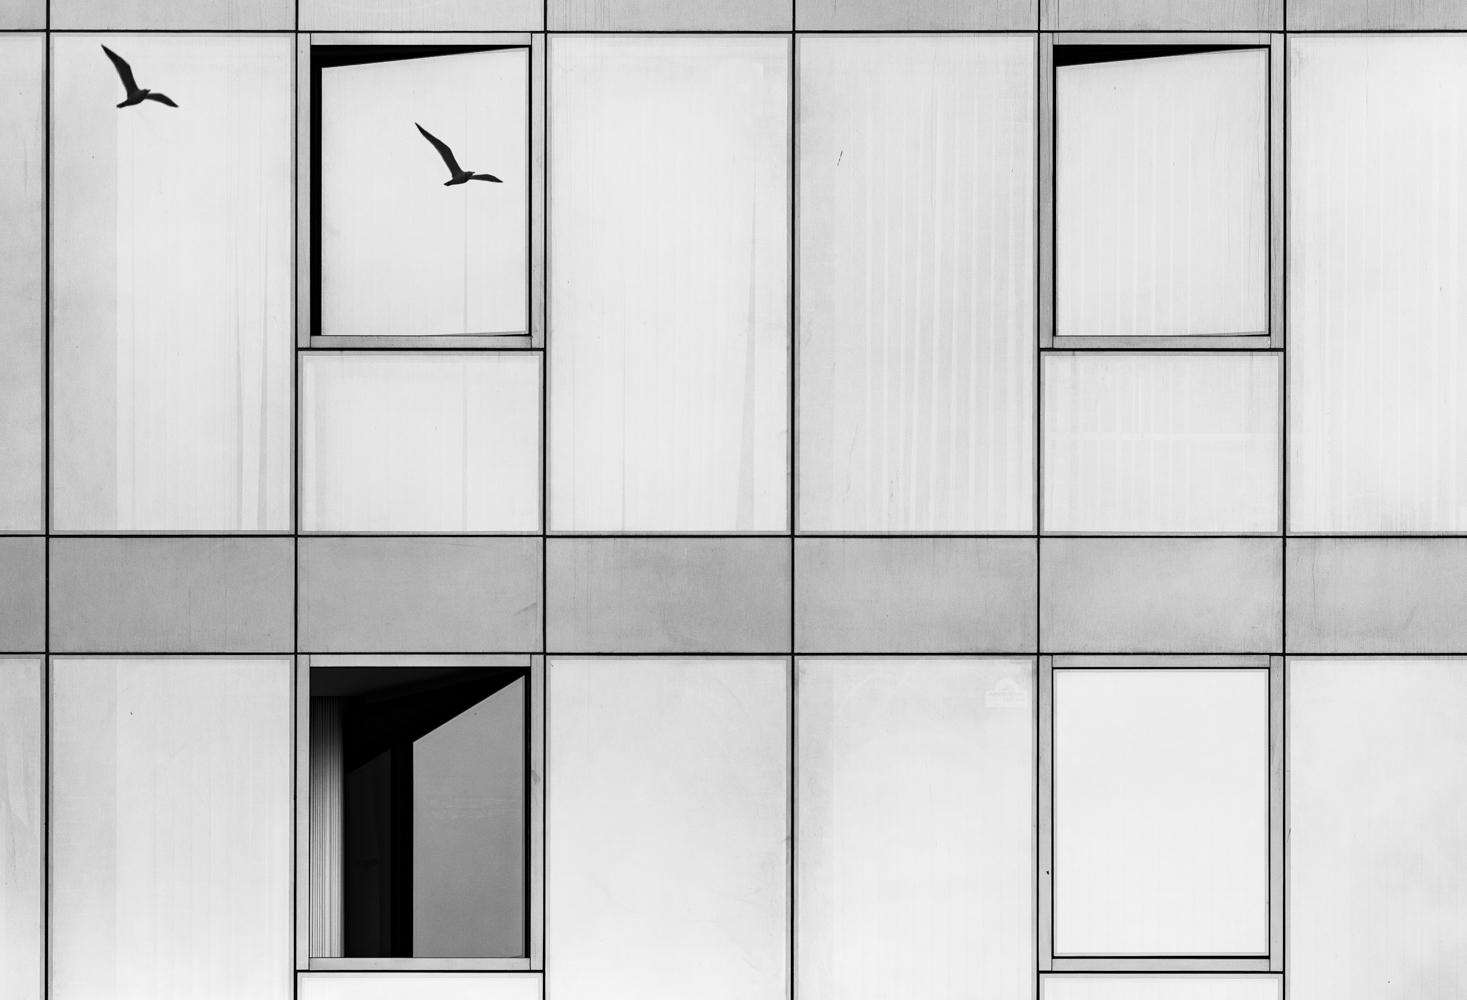 Алгоритъм... | Author Standil | PHOTO FORUM